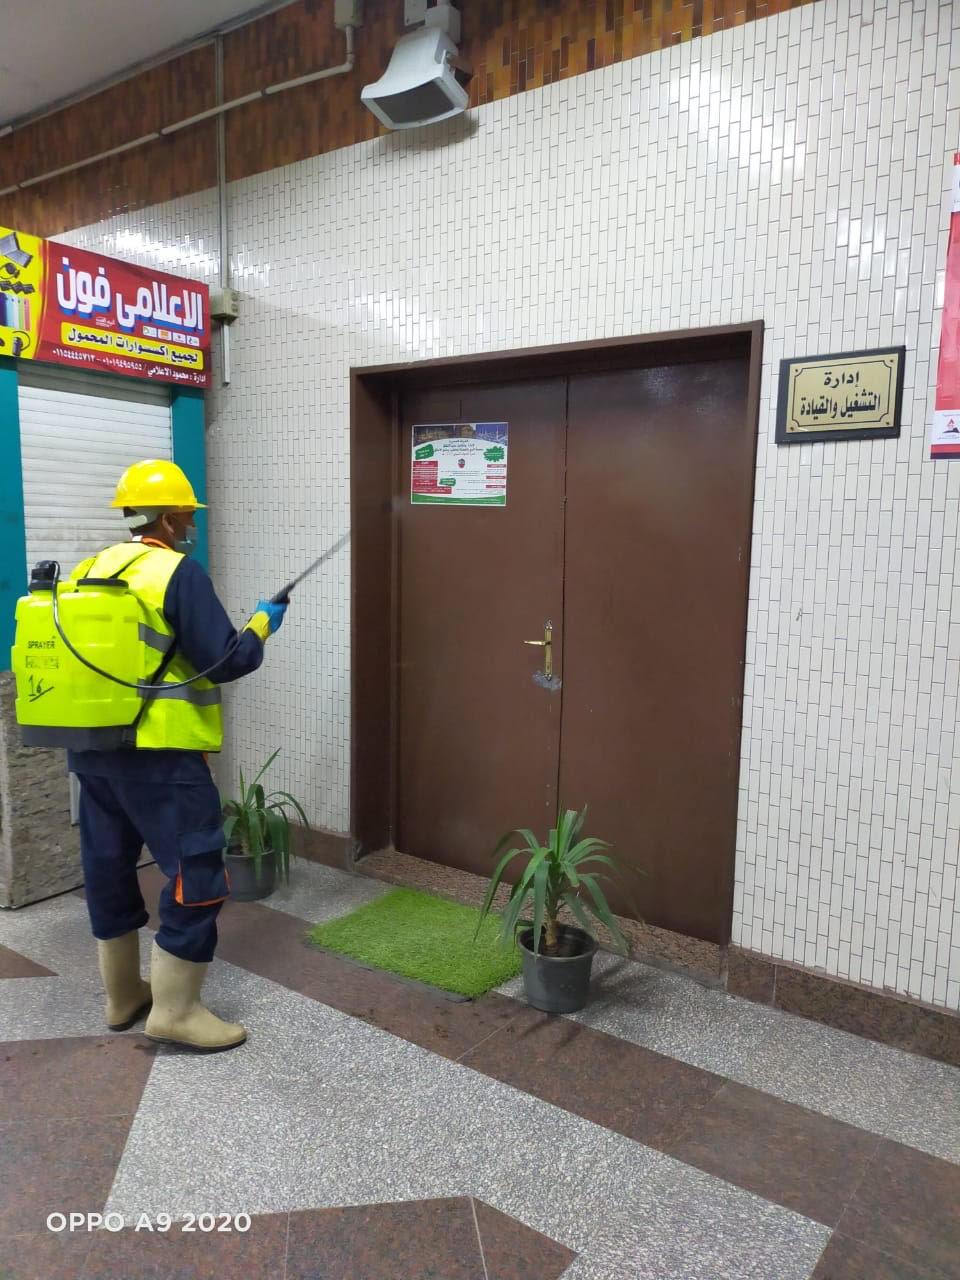 المترو يواصل أعمال تعقيم وتطهير القطارات والمحطات ضد كورونا (14)